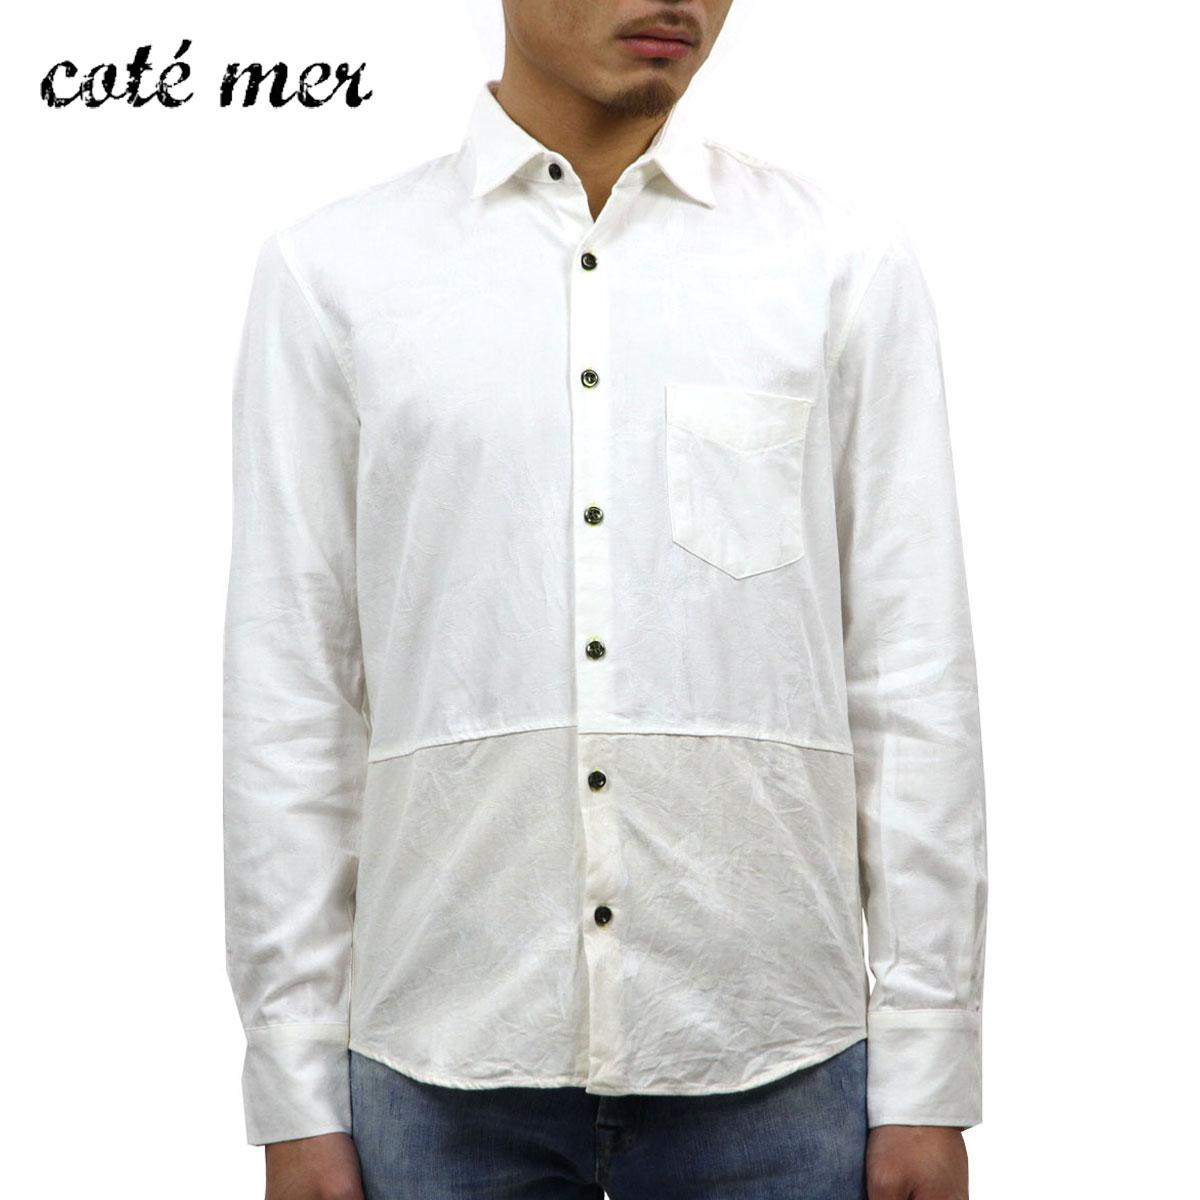 コートメール Cotemer 正規販売店 メンズ シャツ SHIRT SH-S13-012 WHITE-IVORY D15S25